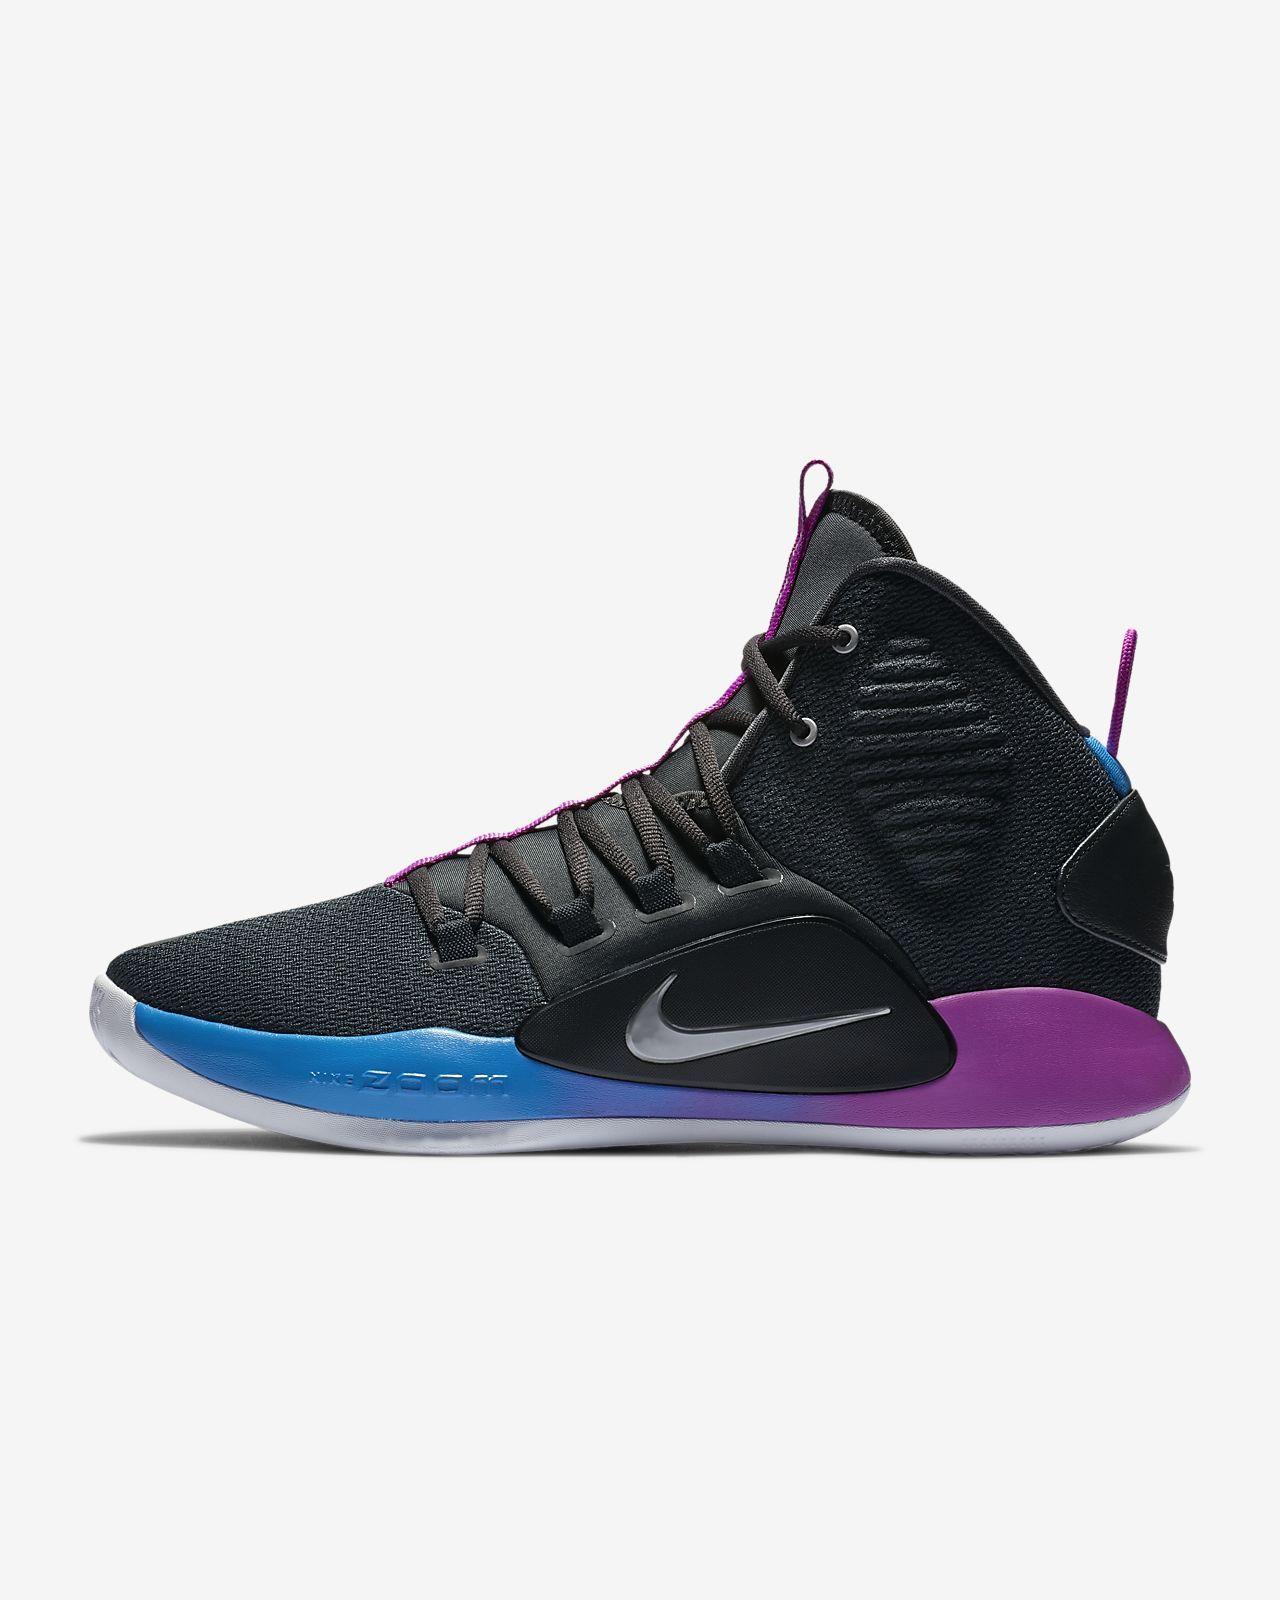 best website b9a2c e9bcb Nike Hyperdunk X Basketball Shoe Kicks, Air Jordans, Sneakers Design,  Footwear, Heels